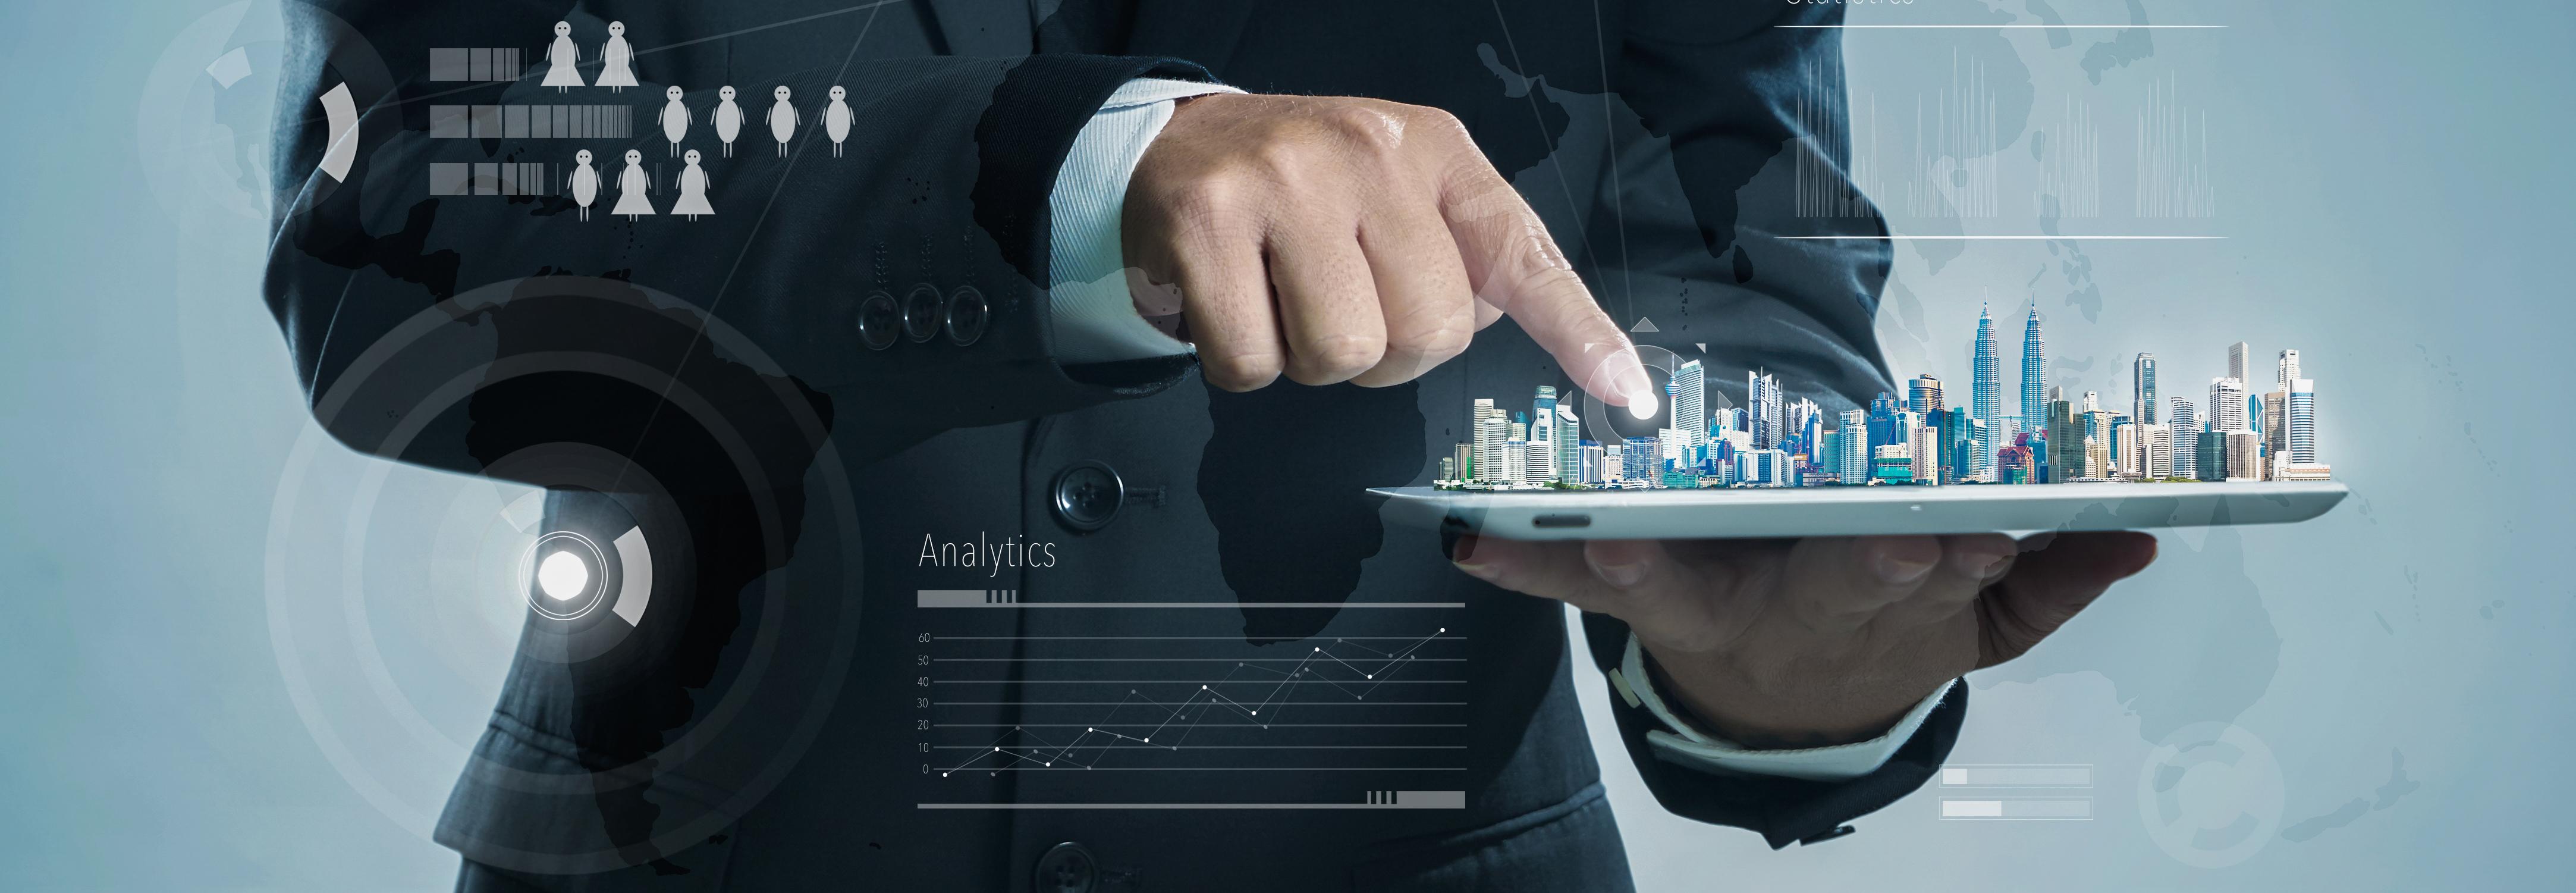 Info Depots LLC Best Data Providers for Global Market